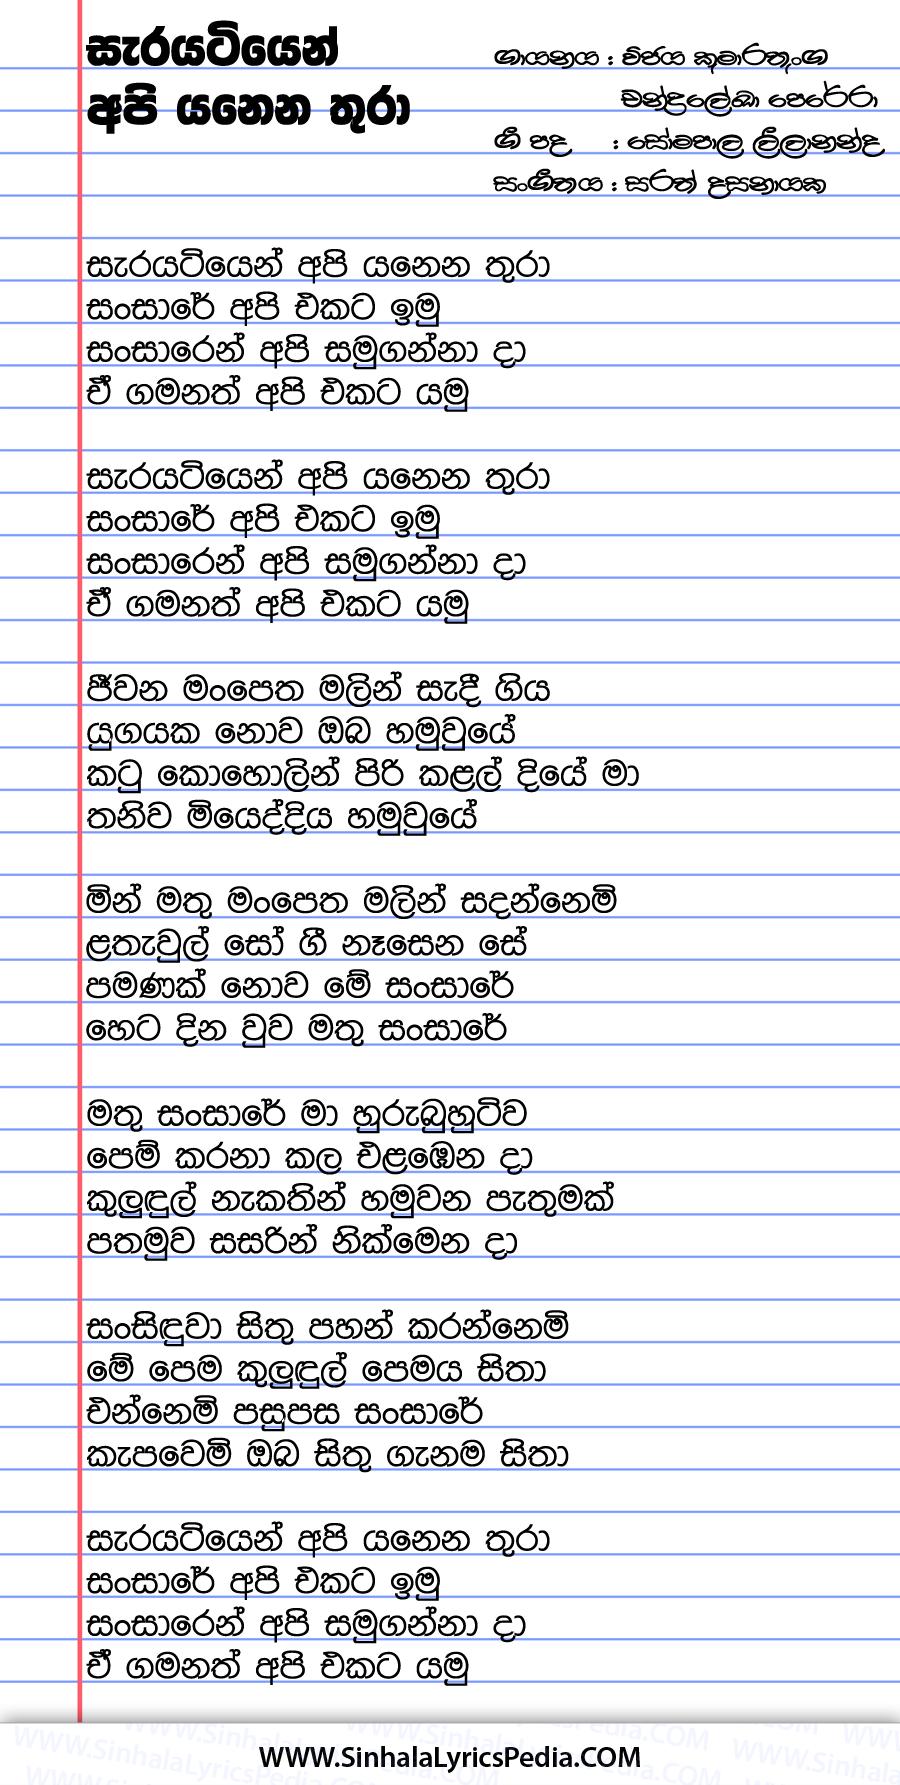 Sarayatiyen Api Yanena Thura Song Lyrics